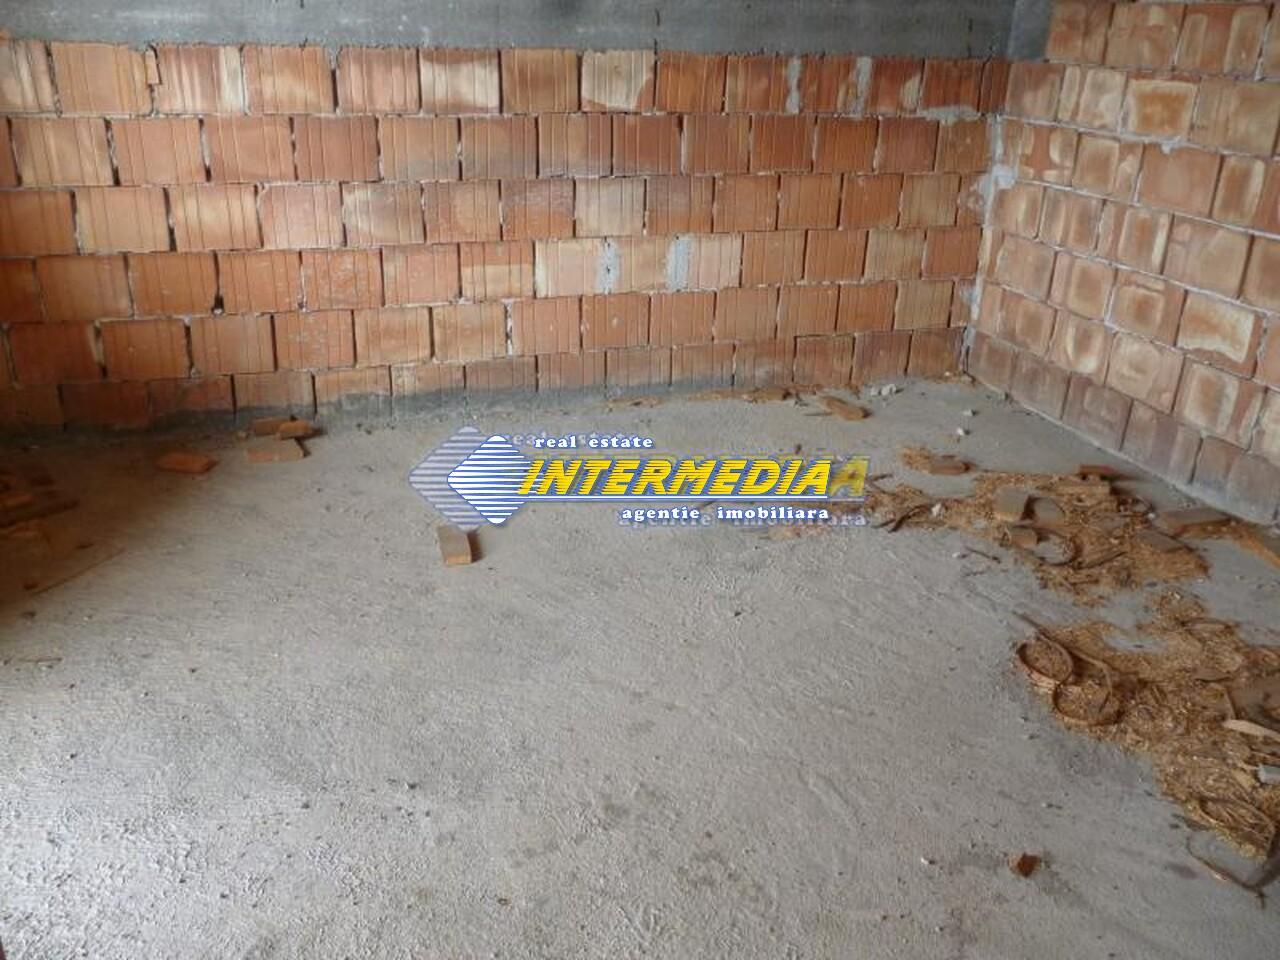 Casa de vanzare Alba Iulia in rosu 40000 Euro-17777-2